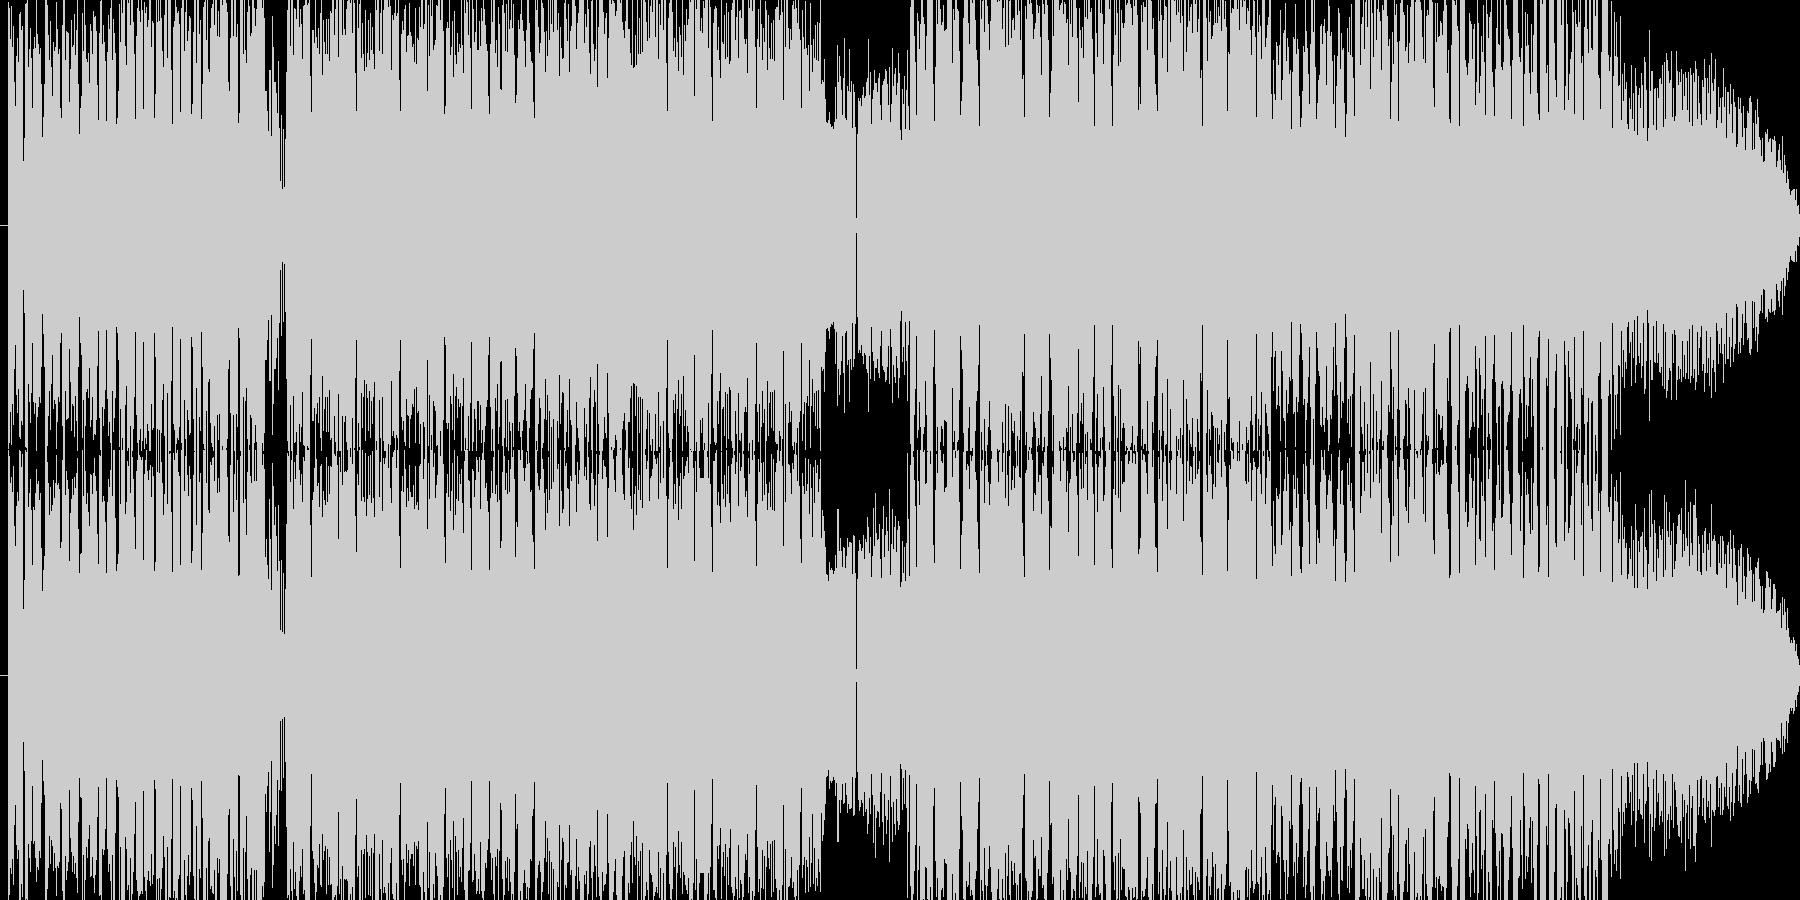 暗くて速くて幻想的な楽曲です!変拍子の未再生の波形